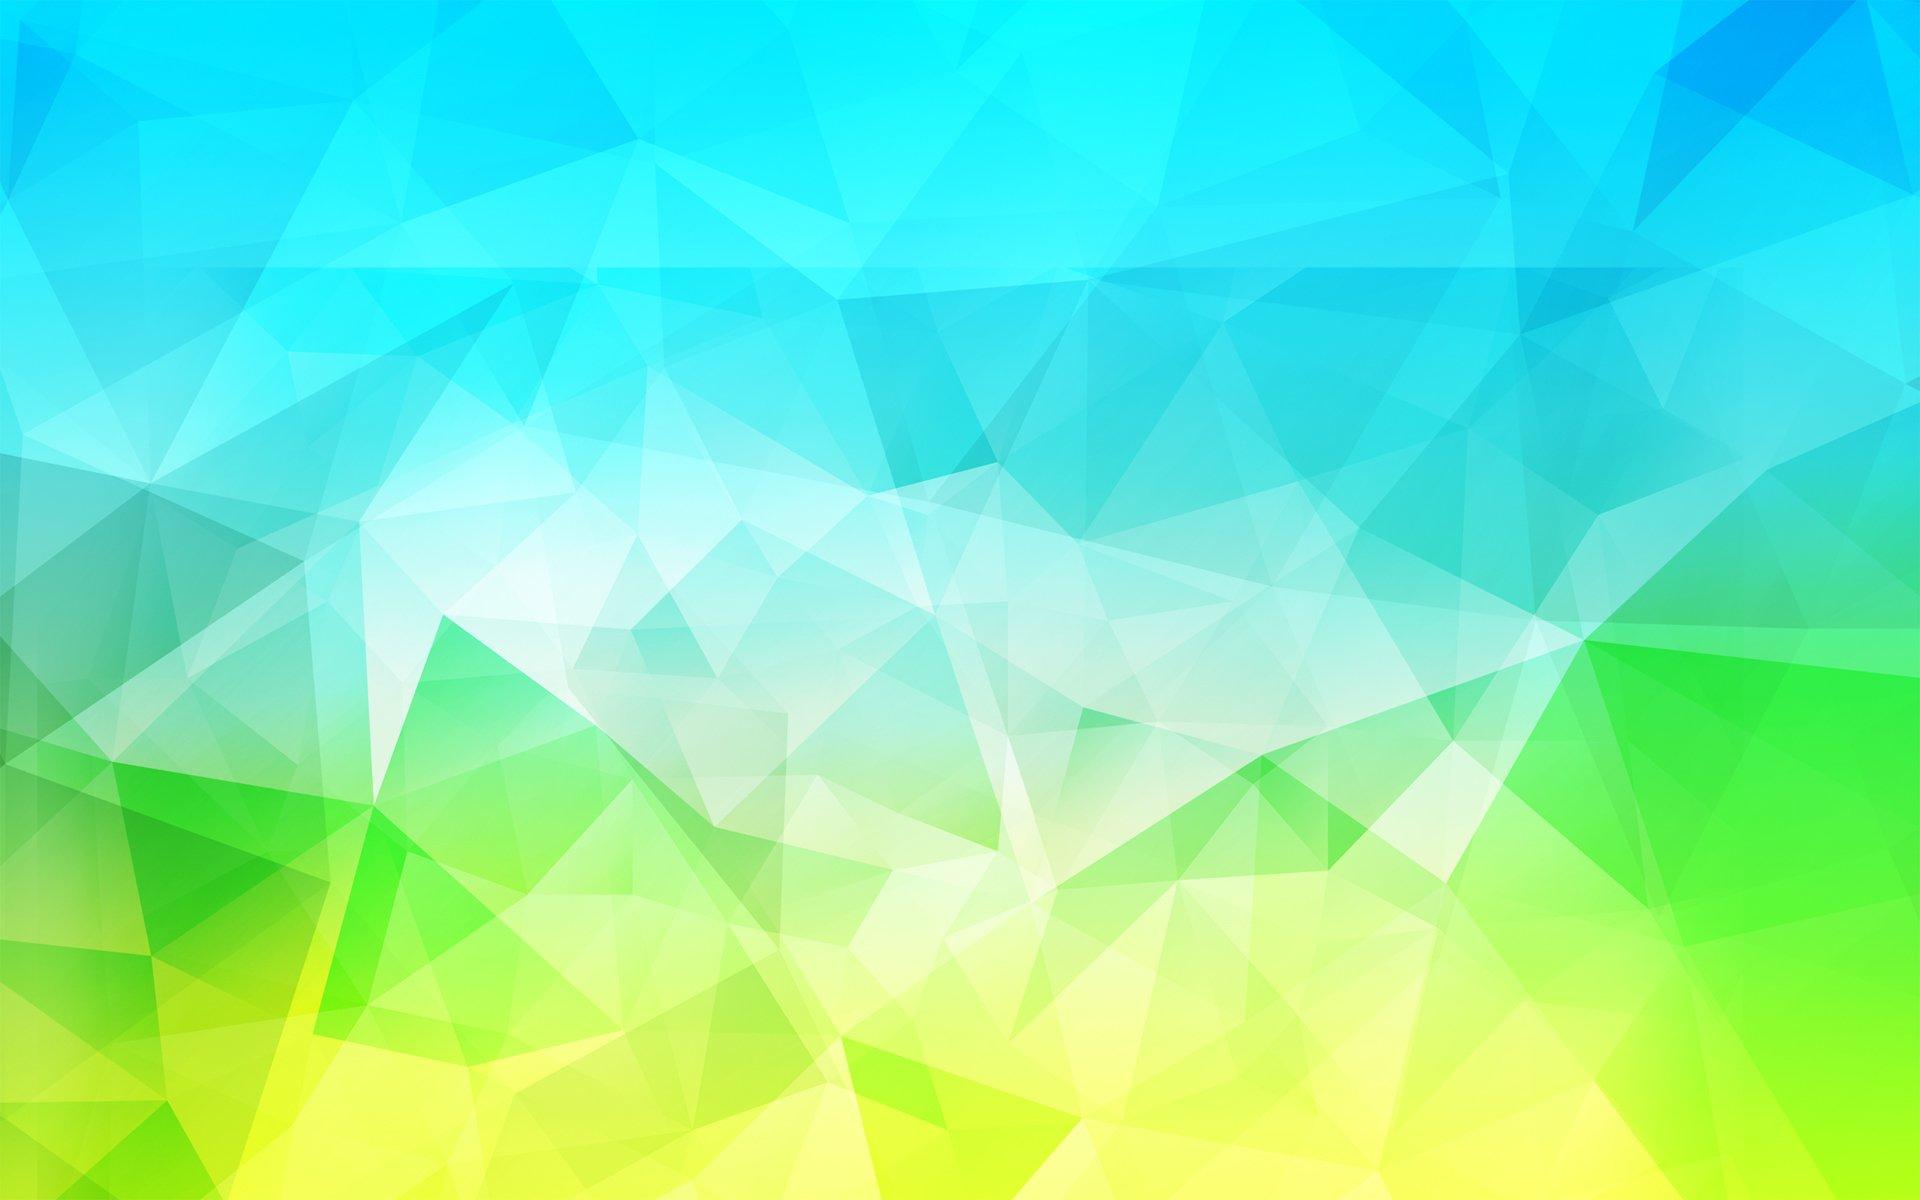 Обои свет, хаос, Цвет, штрих, узор, абстракция. Текстуры foto 13